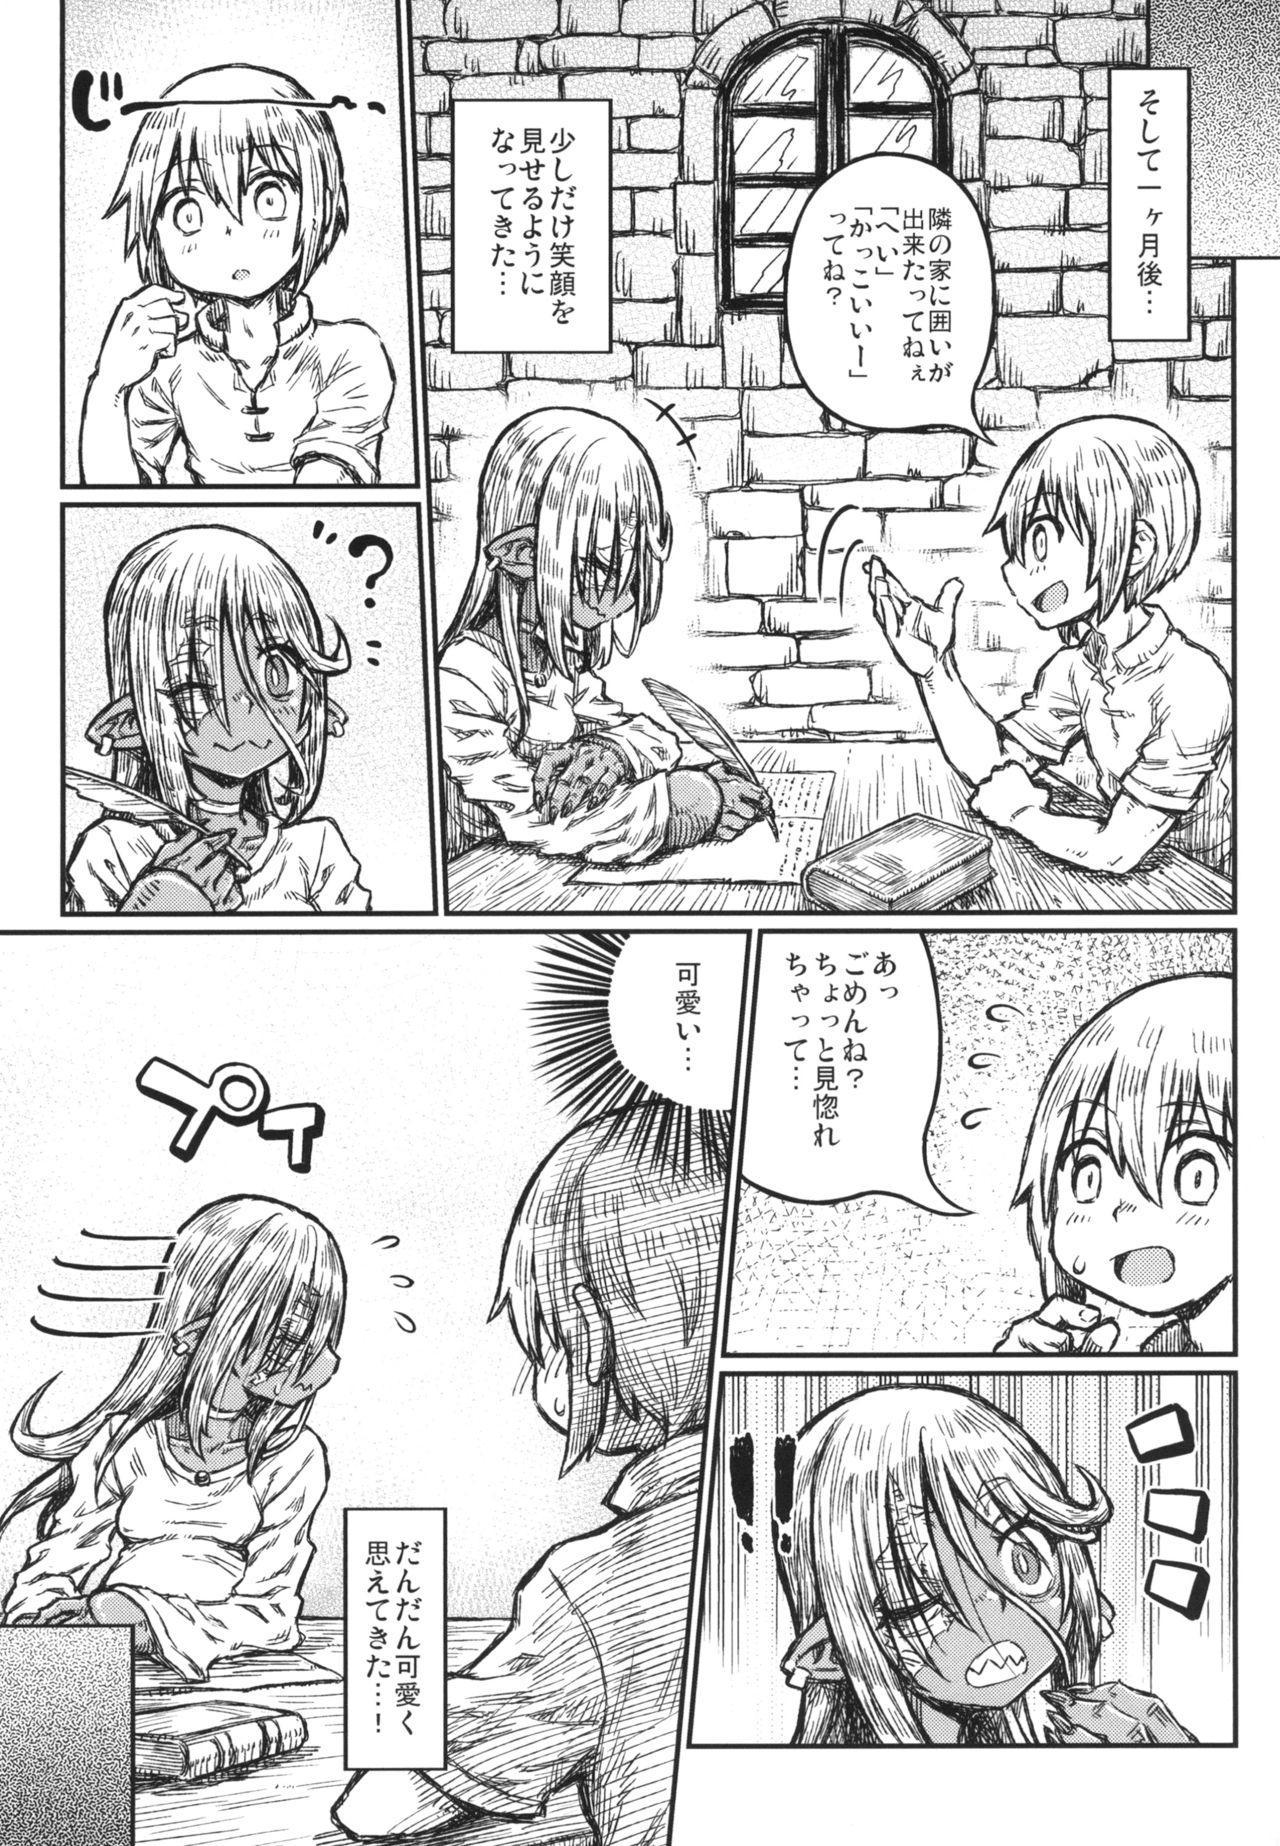 Adabana no koi 20